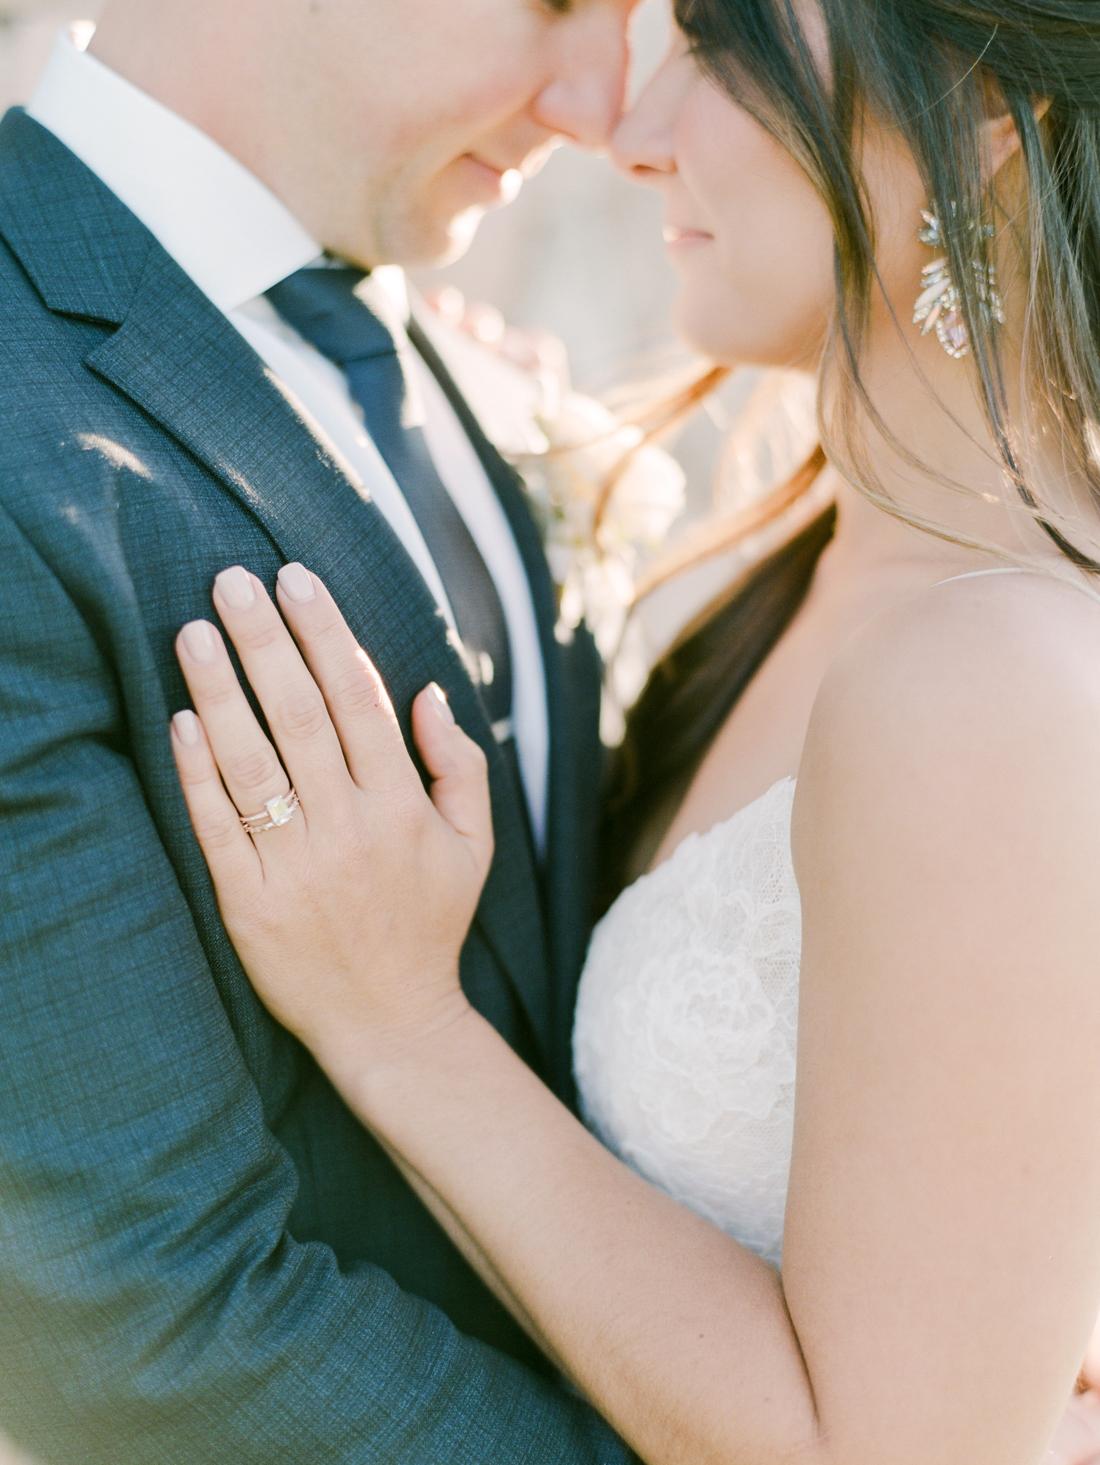 Kristin_Brett_TheKitchen_Denver_Wedding_by_Connie_Whitlock_web_267.jpg